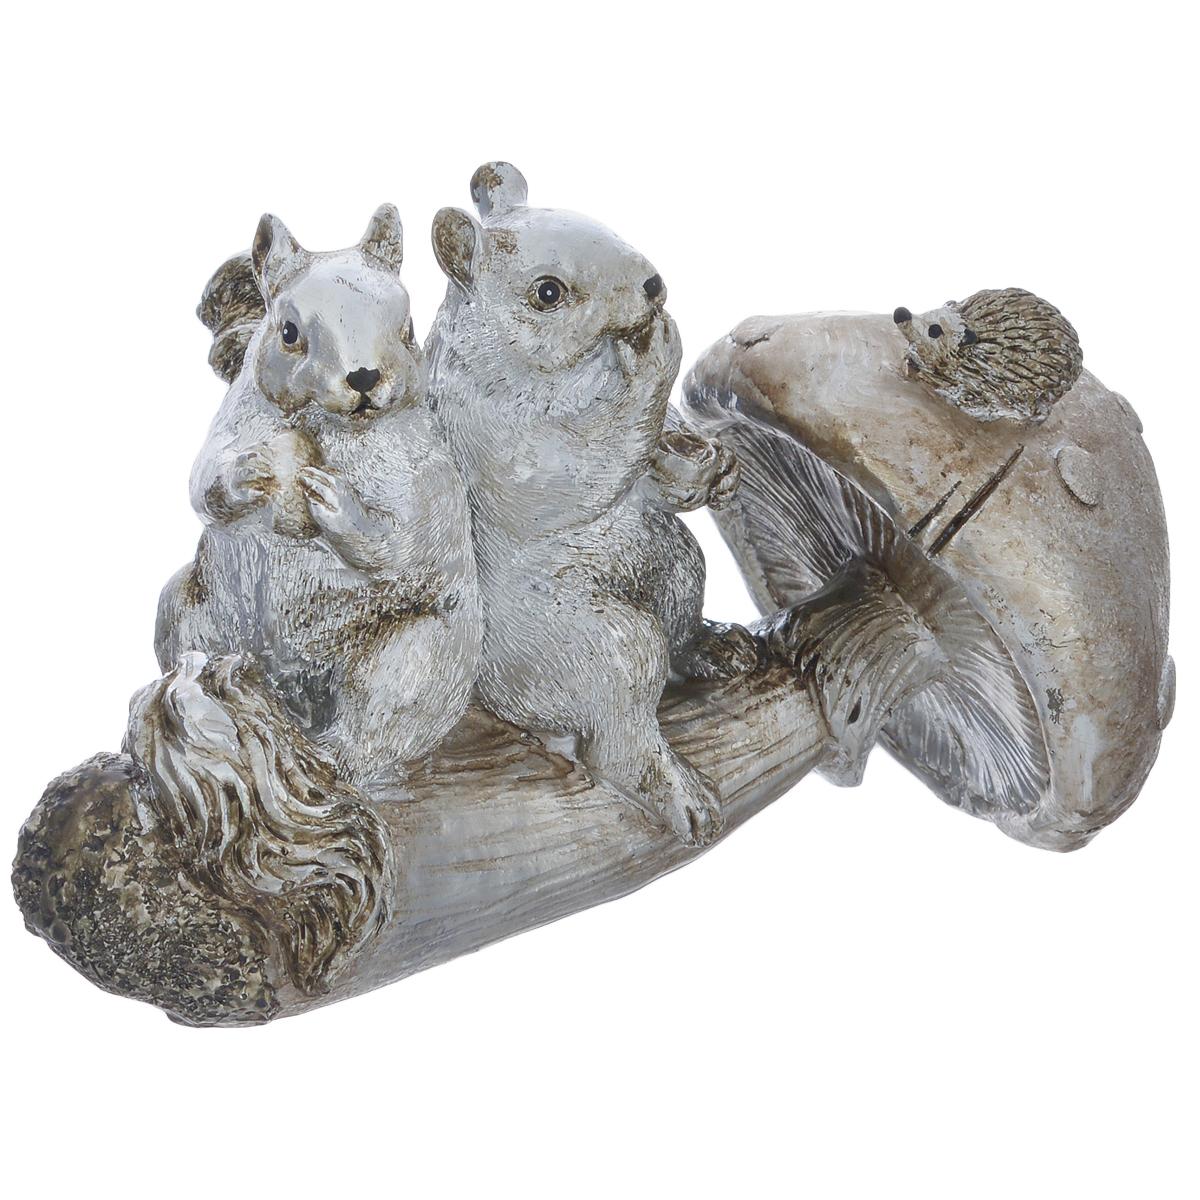 Фигурка декоративная Molento Белочки и гриб, высота 10 см549-208Декоративная фигурка Molento Белочки и гриб, изготовленная из полистоуна, выполнена в виде двух белок, сидящих на грибе. Такая фигурка станет отличным дополнением к интерьеру. Вы можете поставить фигурку в любом месте, где она будет удачно смотреться, и радовать глаз. Кроме того, фигурка Белочки и гриб станет чудесным сувениром для ваших друзей и близких. Размер фигурки: 17 см х 10,5 см х 10 см.